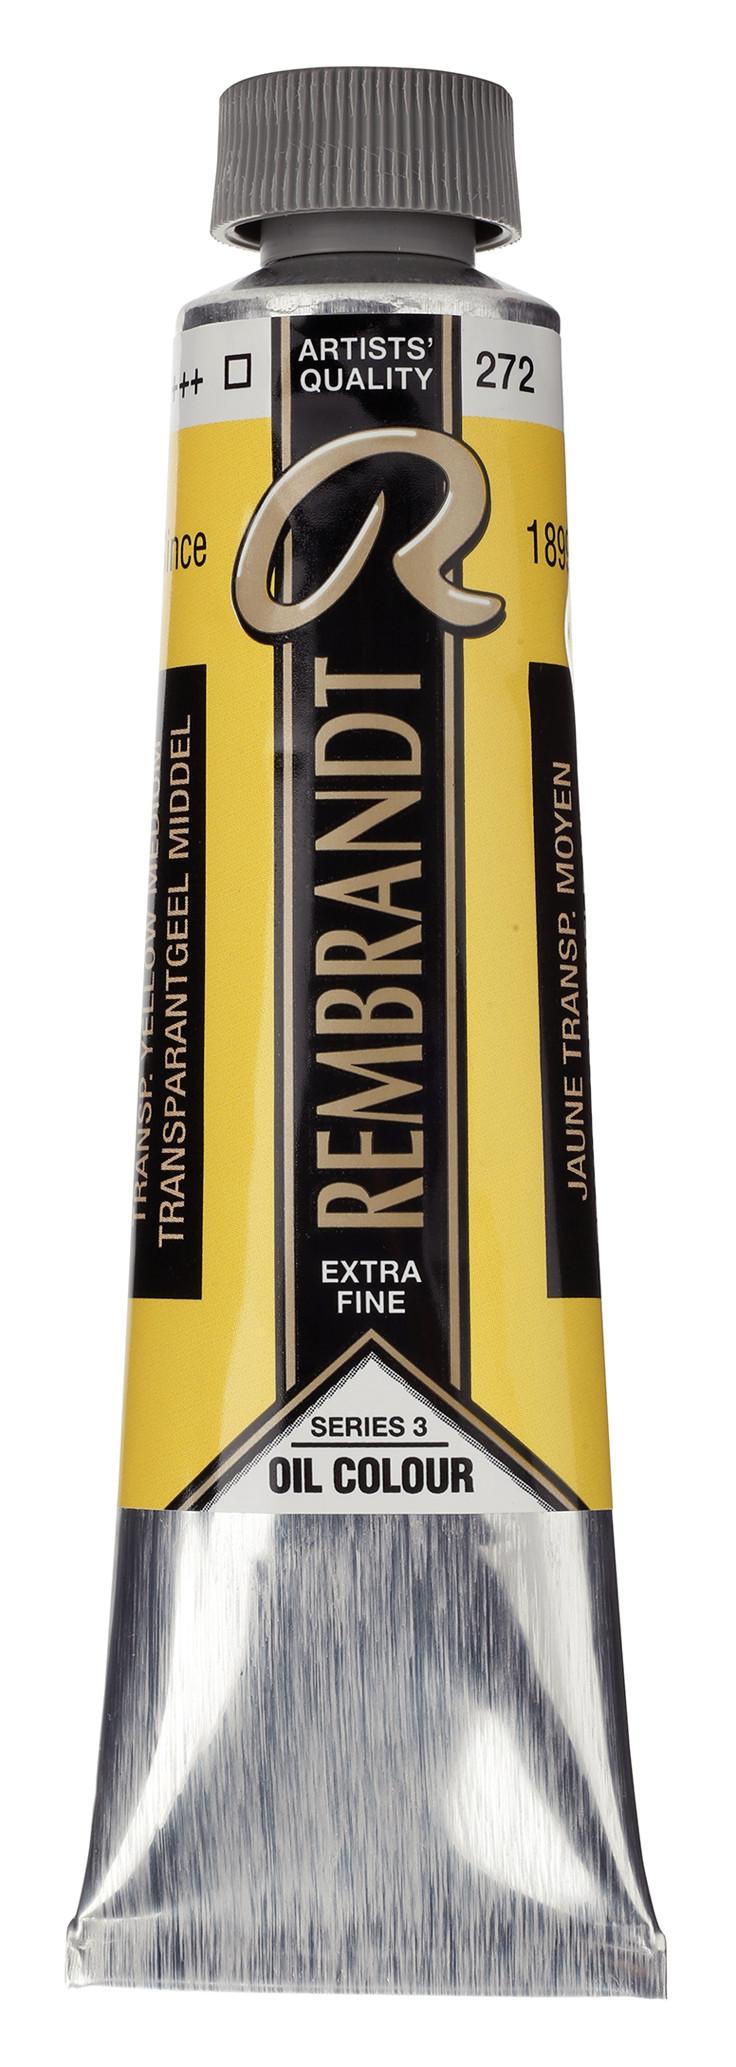 Rembrandt Oil colour Paint Transparent Yellow Medium (272) 40ml Tube